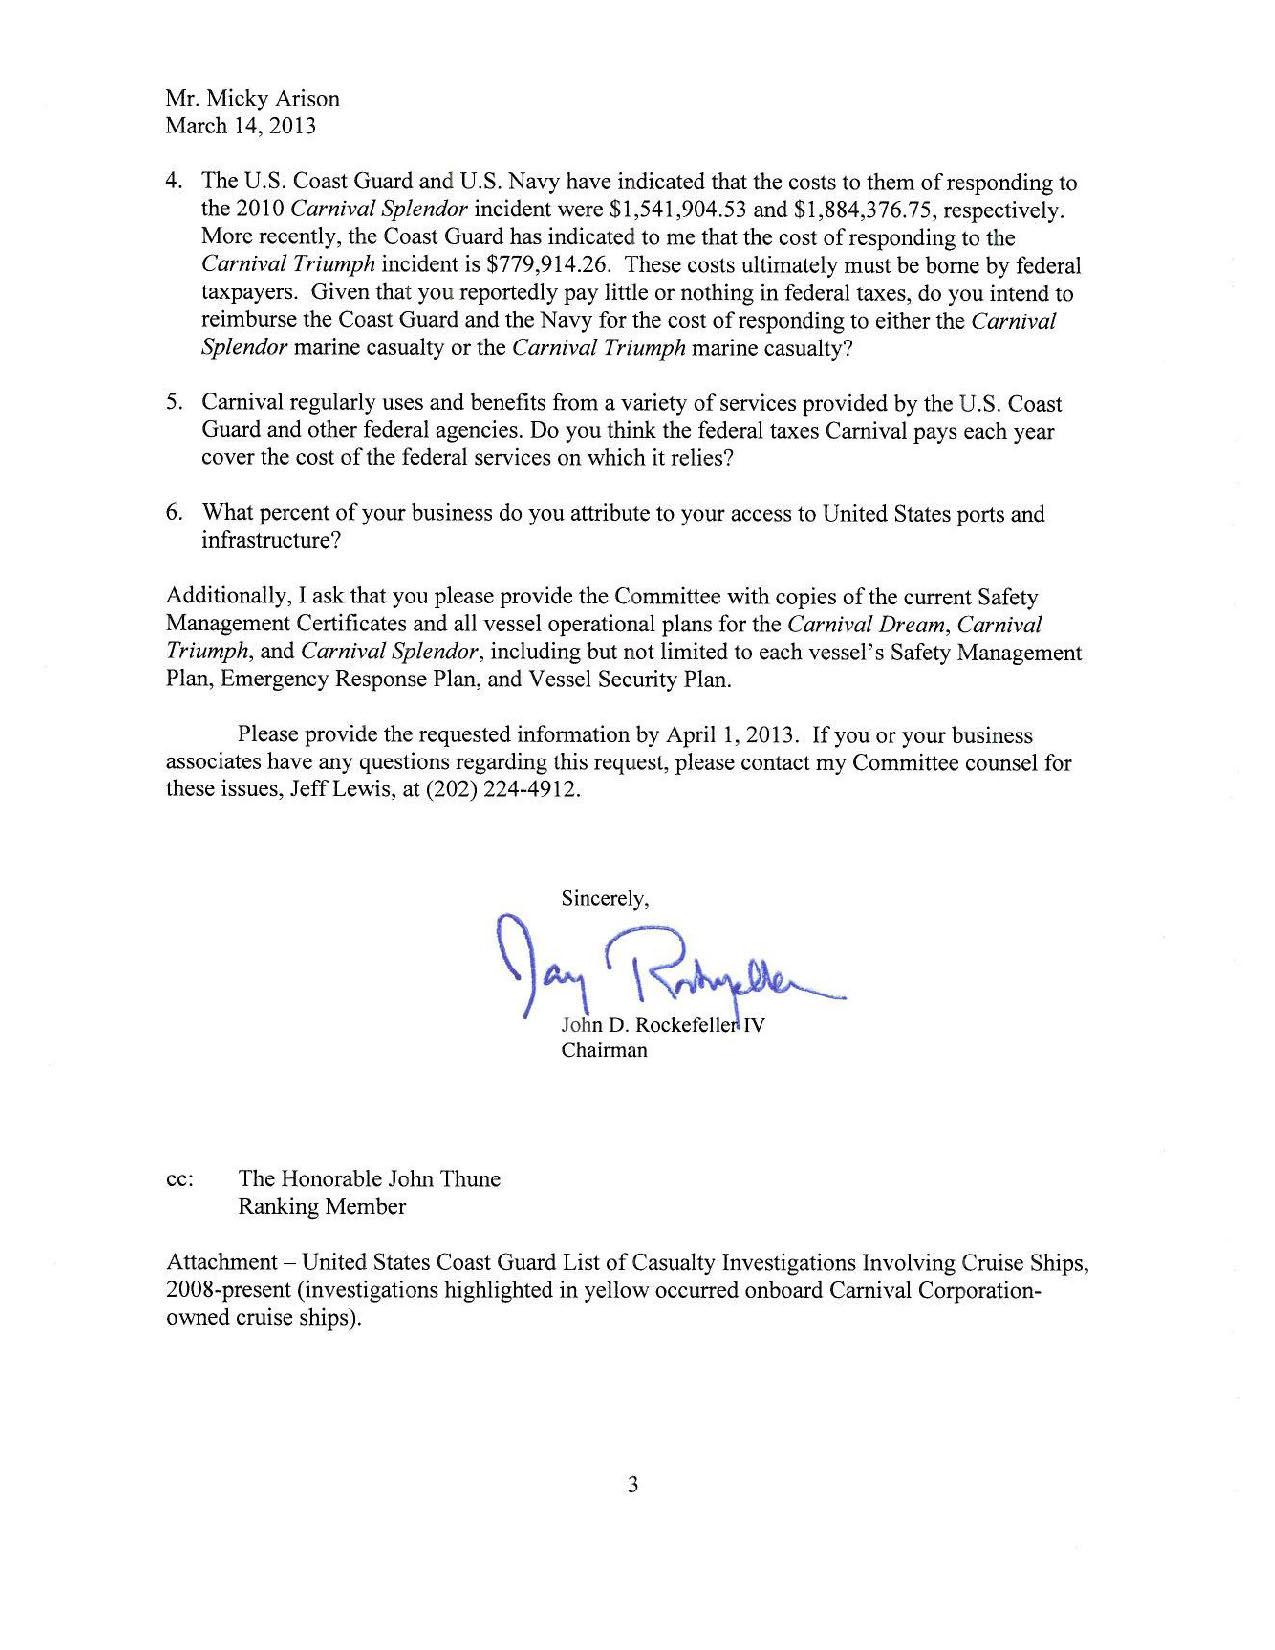 Letter to Carnival Micky Arison from Senator John Rockefeller IV_Page_3.jpg